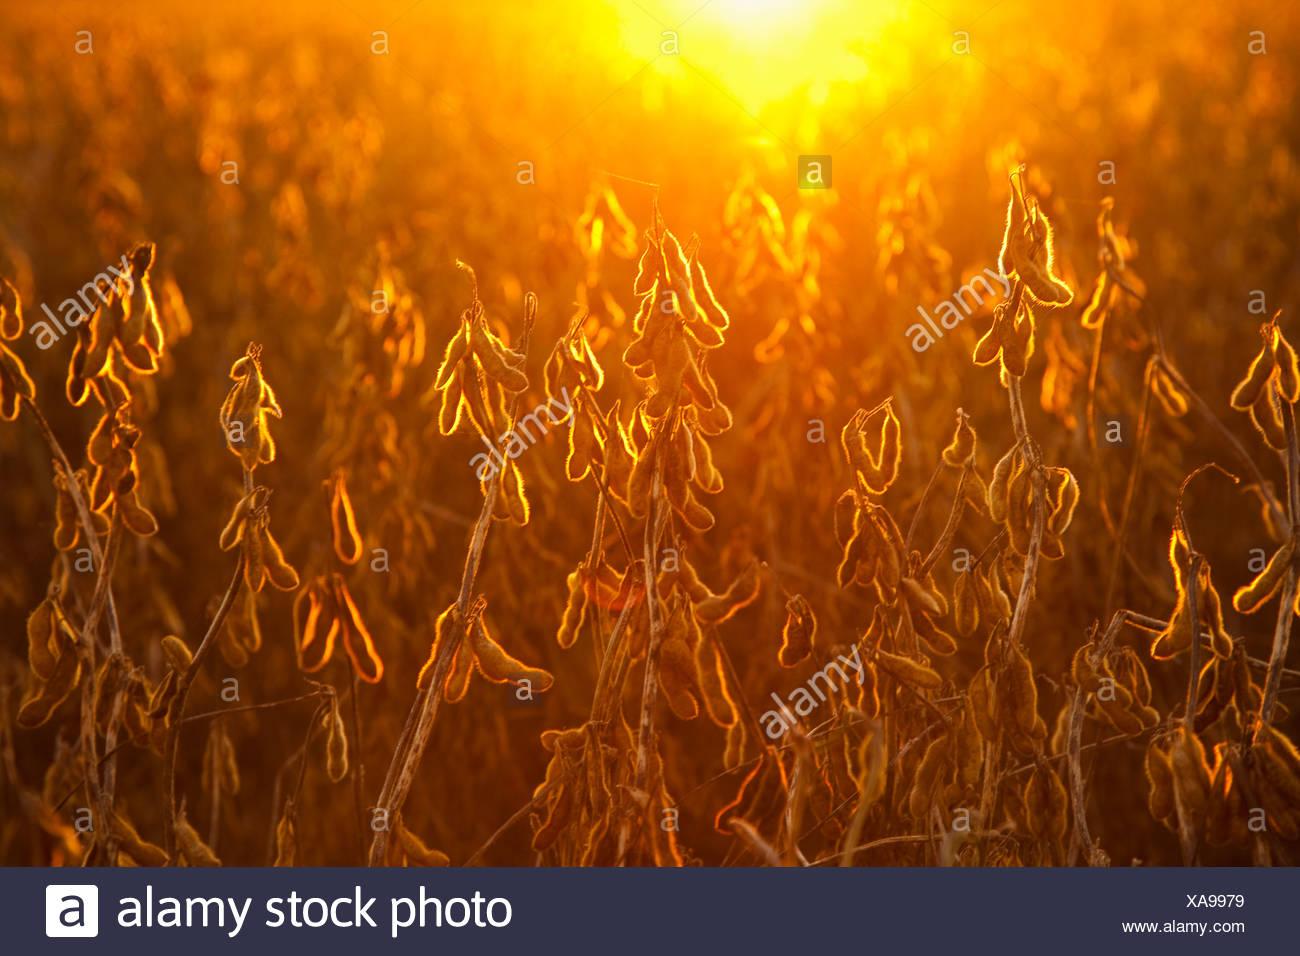 Agriculture - l'étape de la récolte à maturité des gousses de soja sur la plante, rétroéclairé par le coucher du soleil / près de Little Rock, Arkansas, USA. Photo Stock